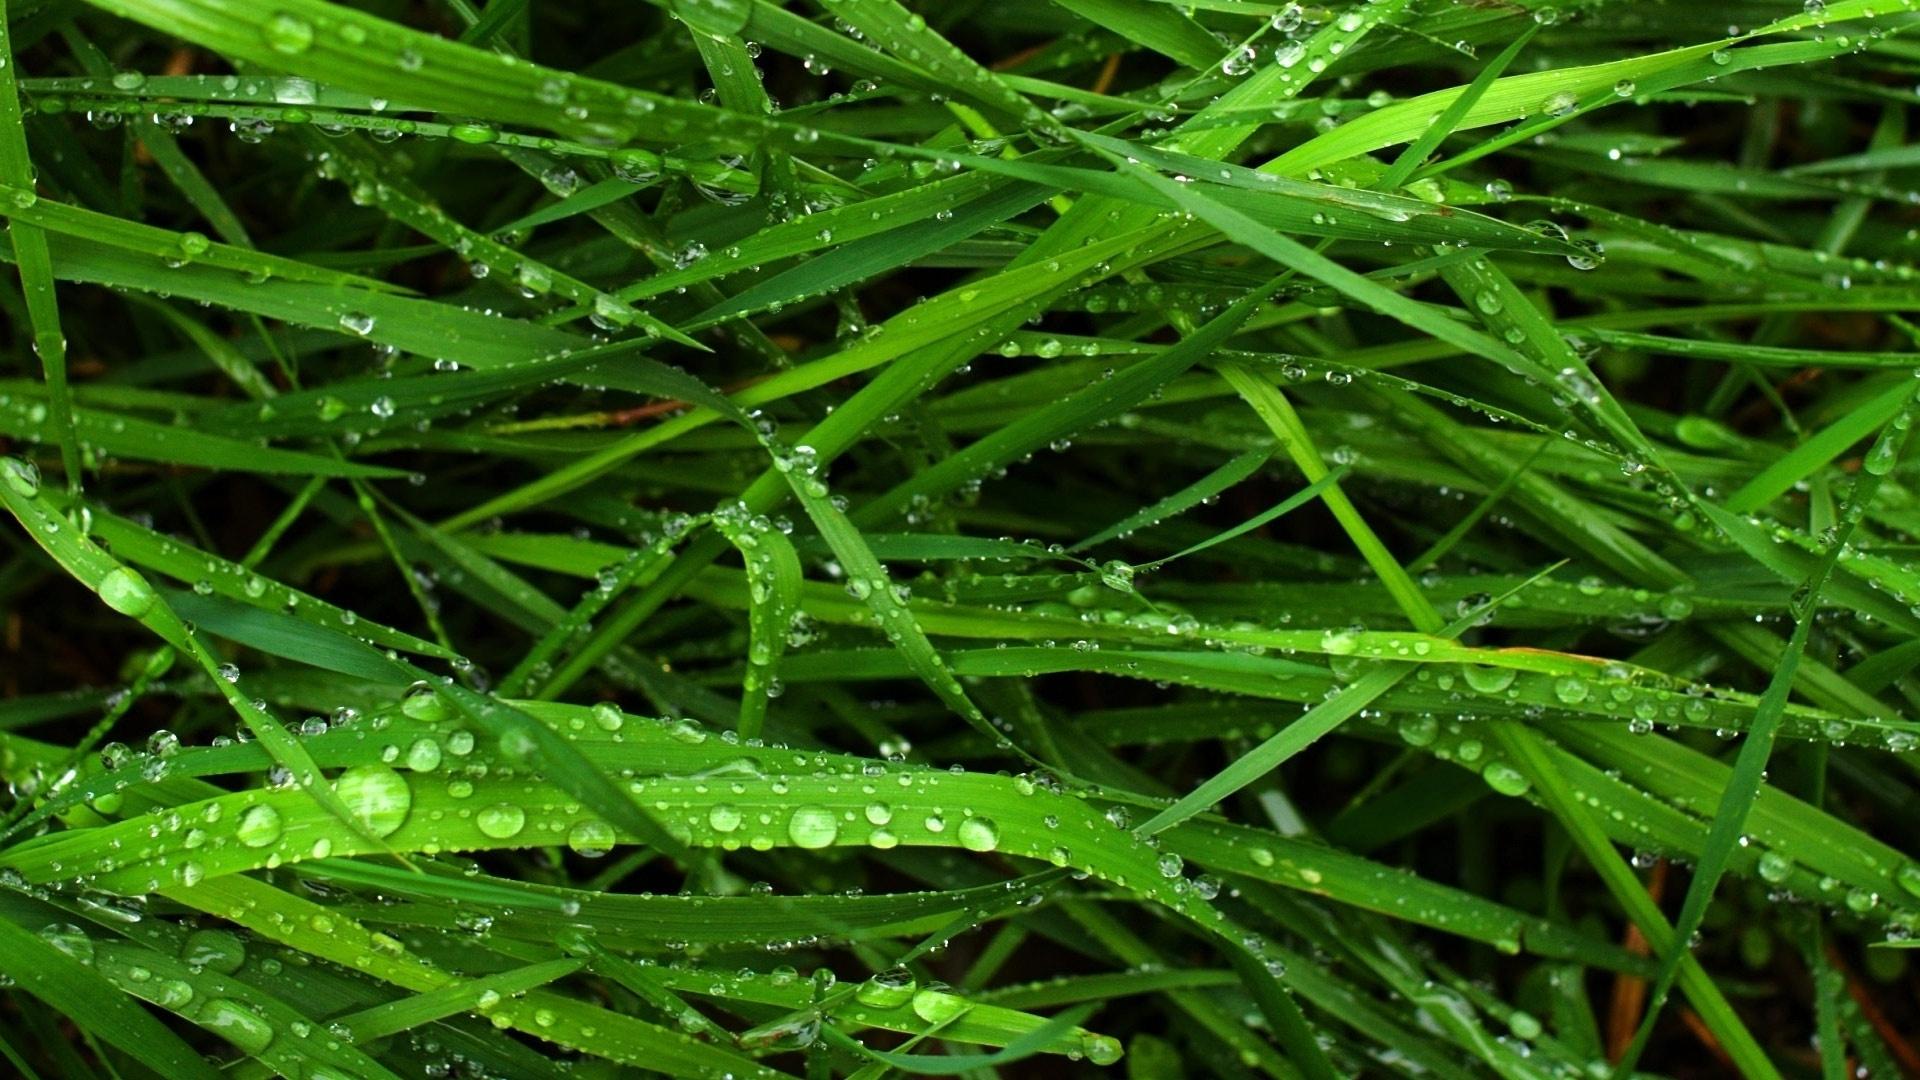 Green Grass wallpaper for pc